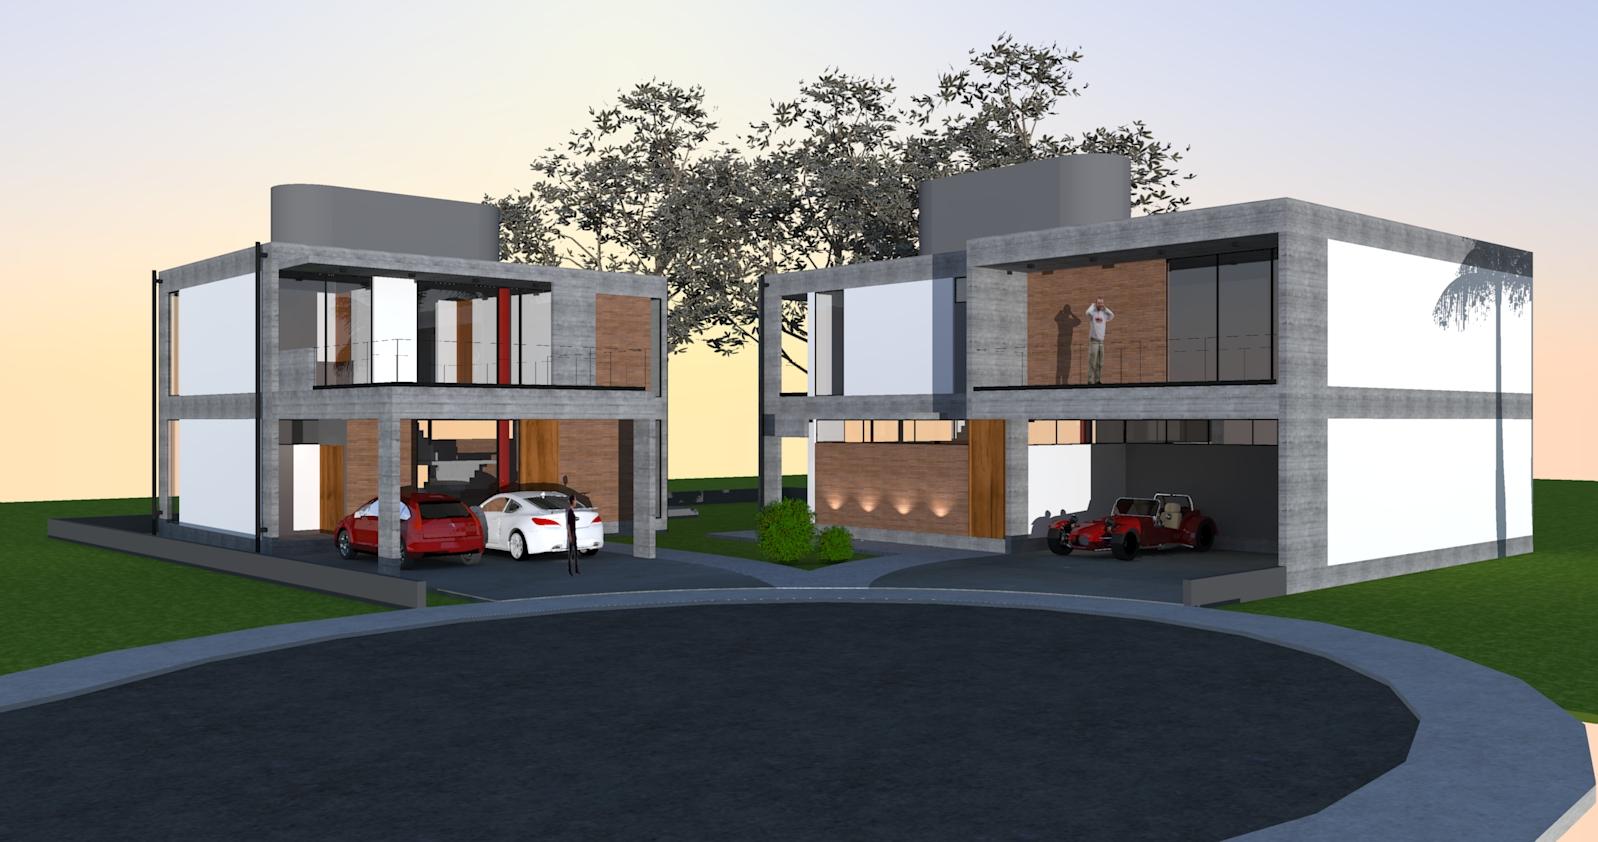 PJV Arquitetura - Casas Manske